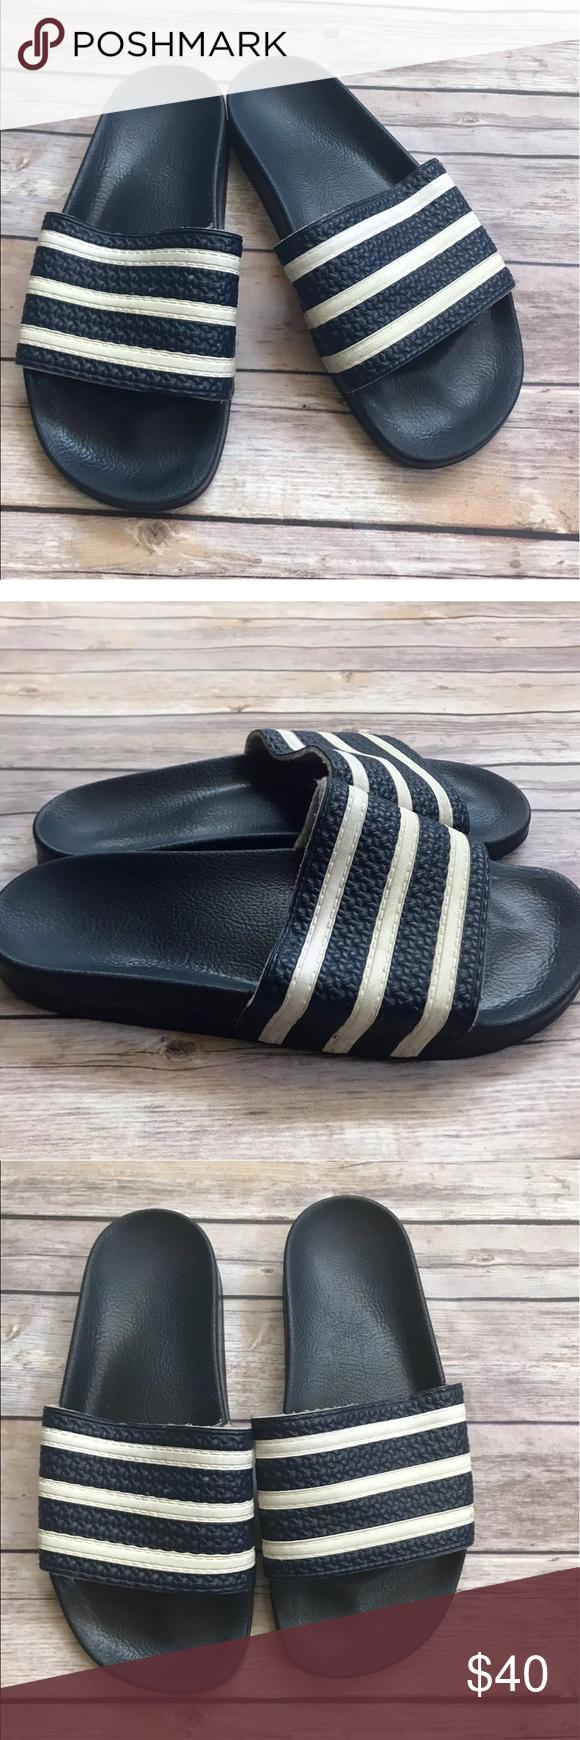 8ab27c28c00f Vintage ADIDAS Slides sandals adilette Italy blue HI